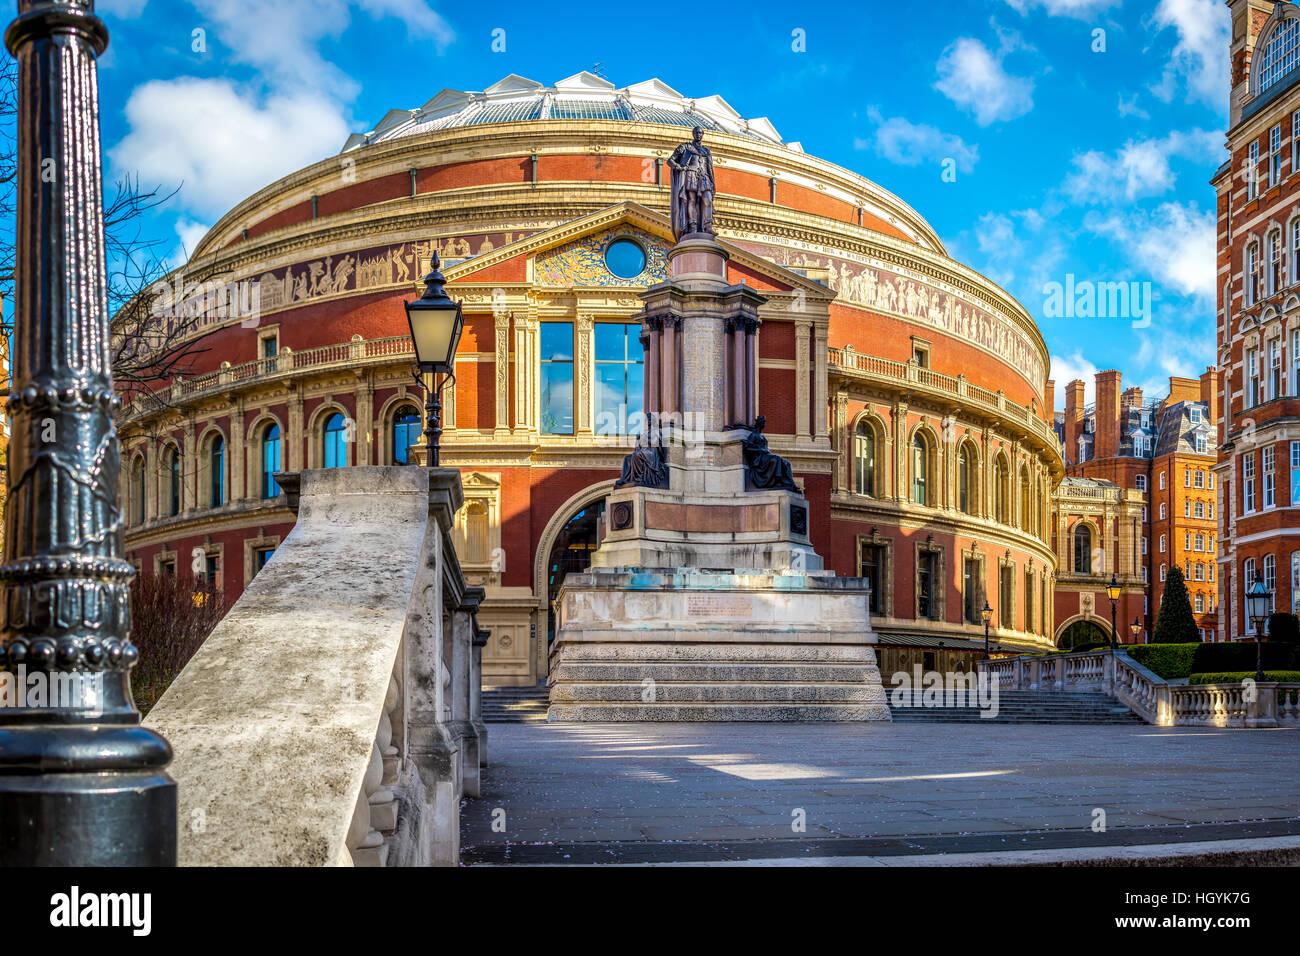 Le Royal Albert Hall entrée dans South Kensington, Londres, UK Photo Stock